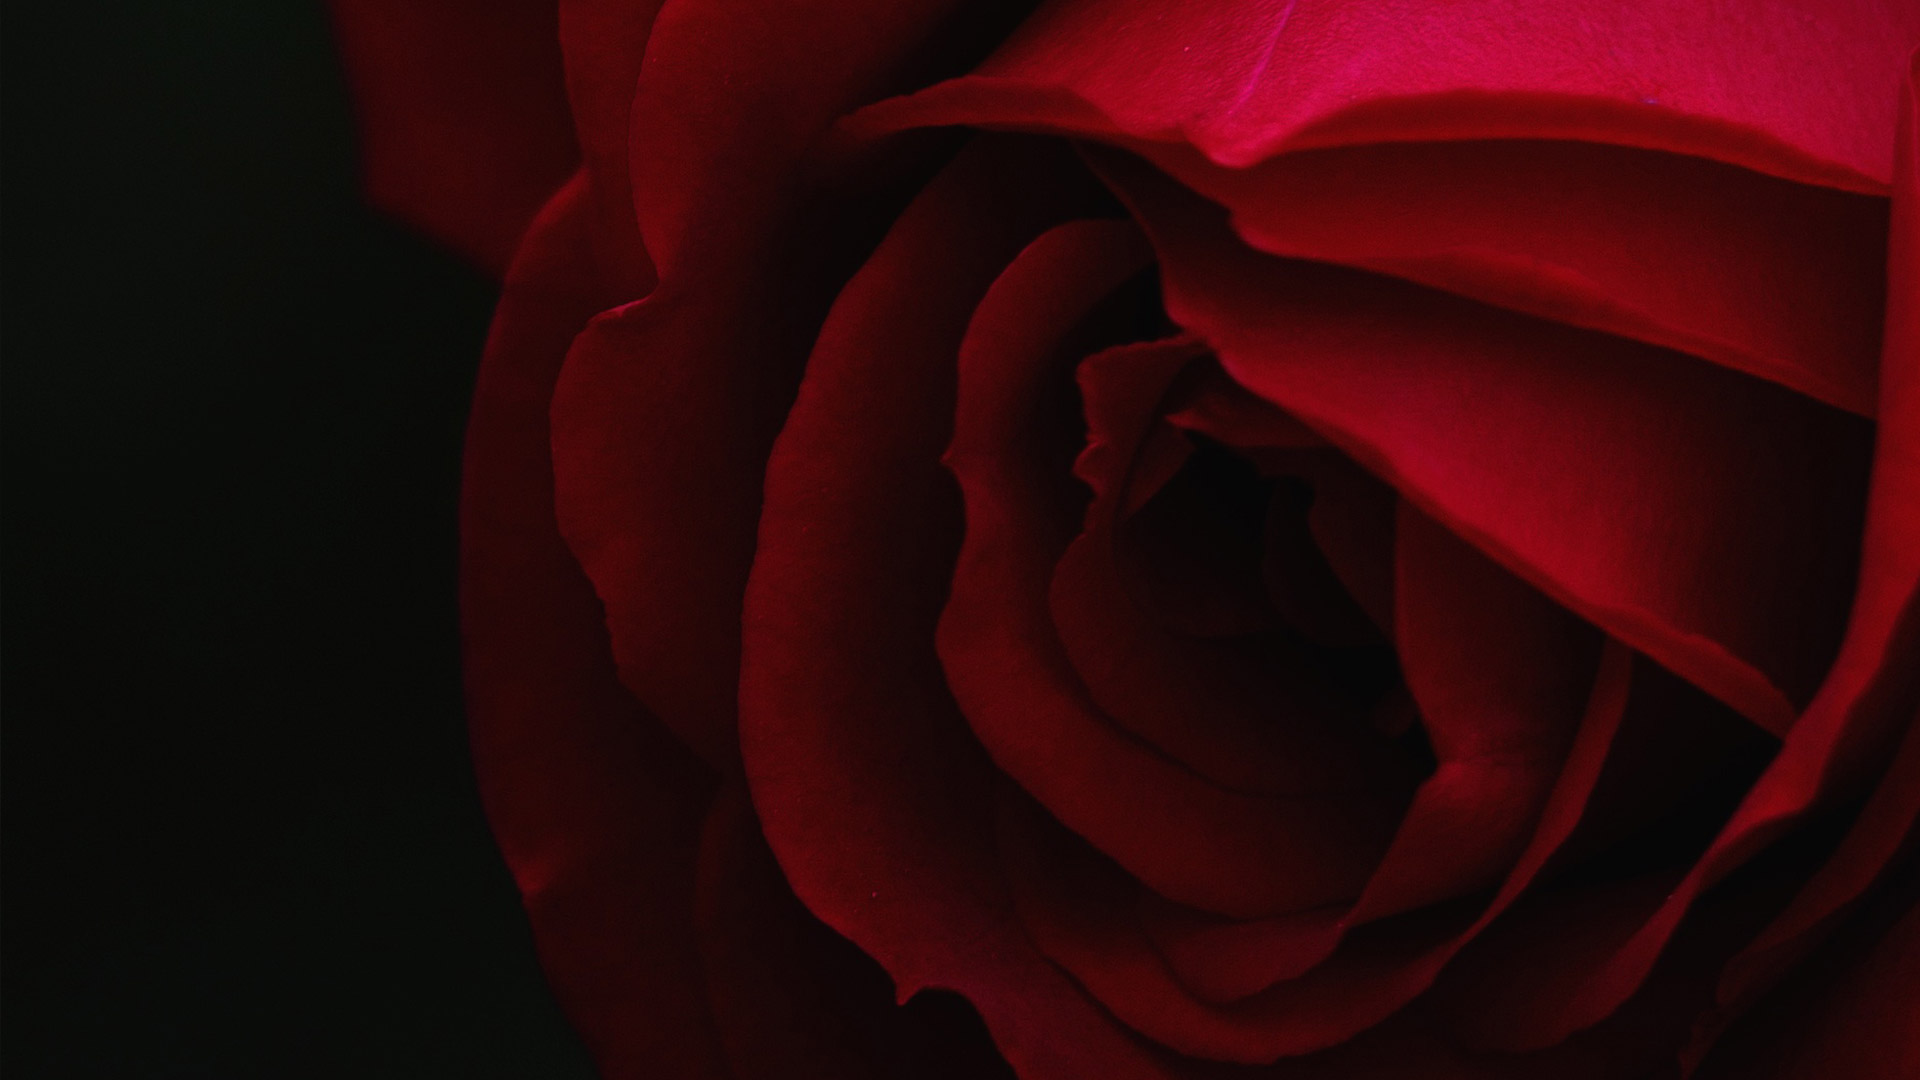 Introducing Meilland's Premier Rose Varieties